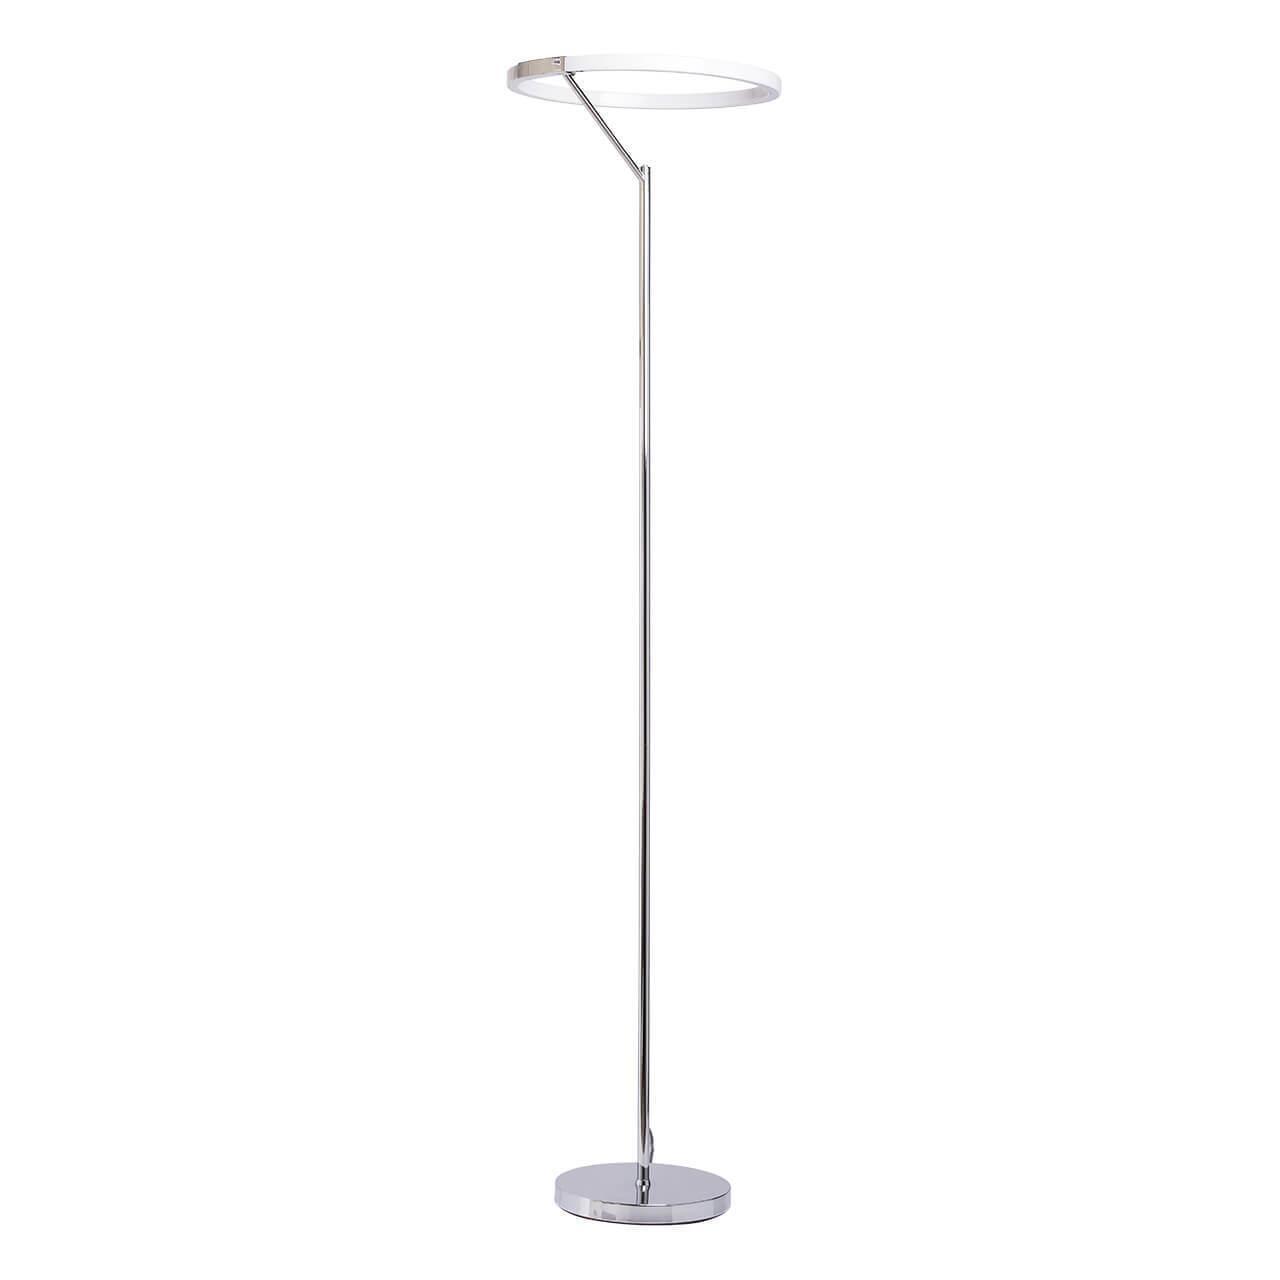 Напольный светильник De Markt 661042101, LED, 29 Вт